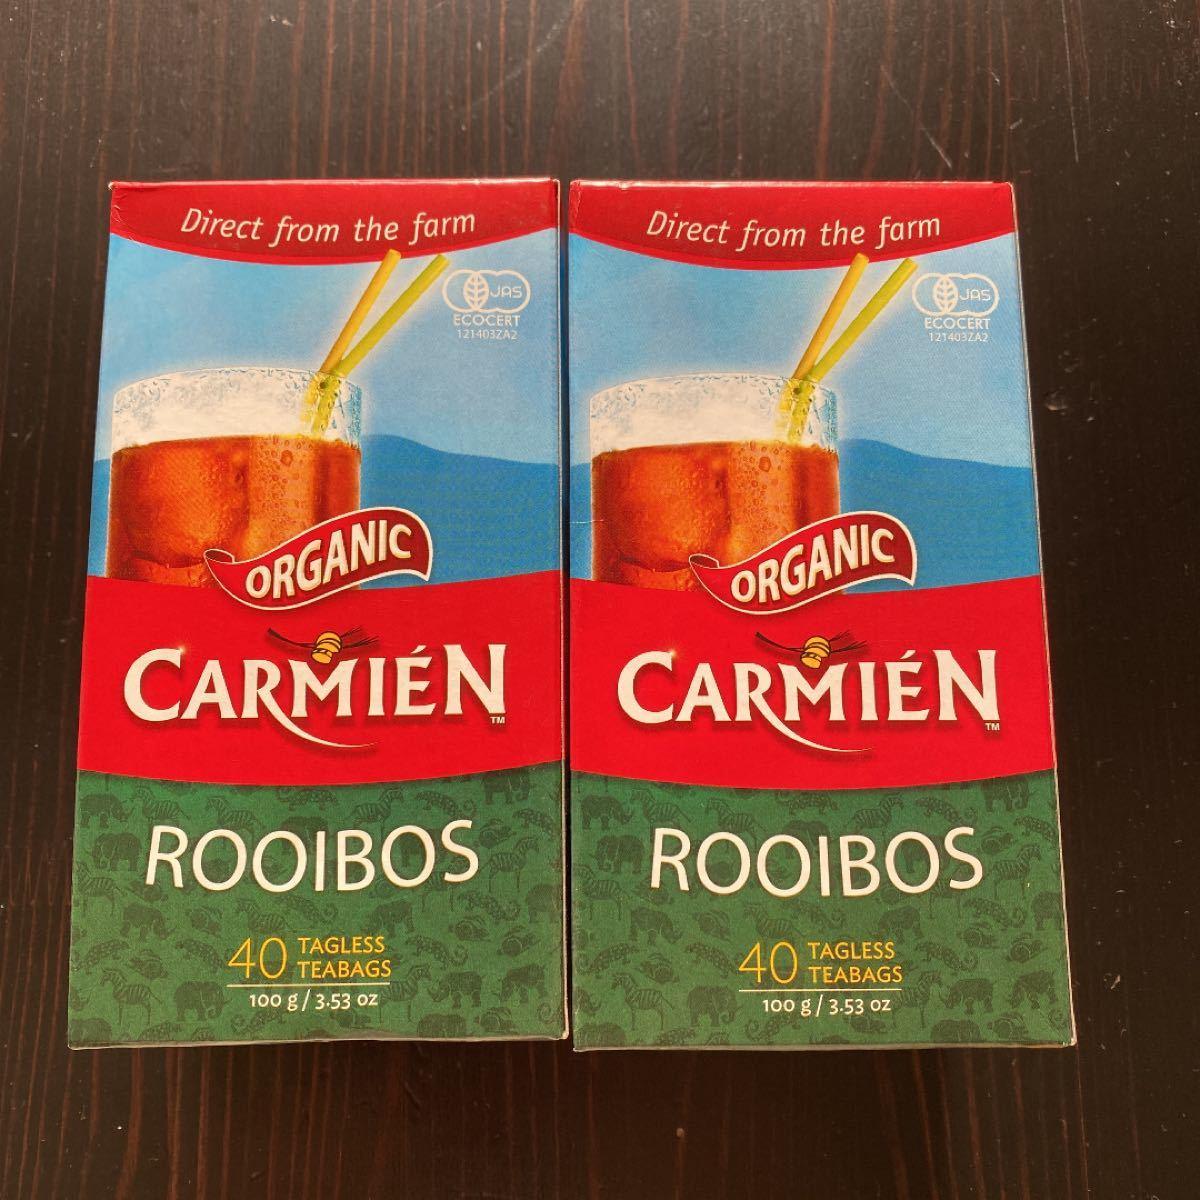 オーガニックルイボスティー●2箱 80袋●有機ルイボス茶 コストコ カルディ